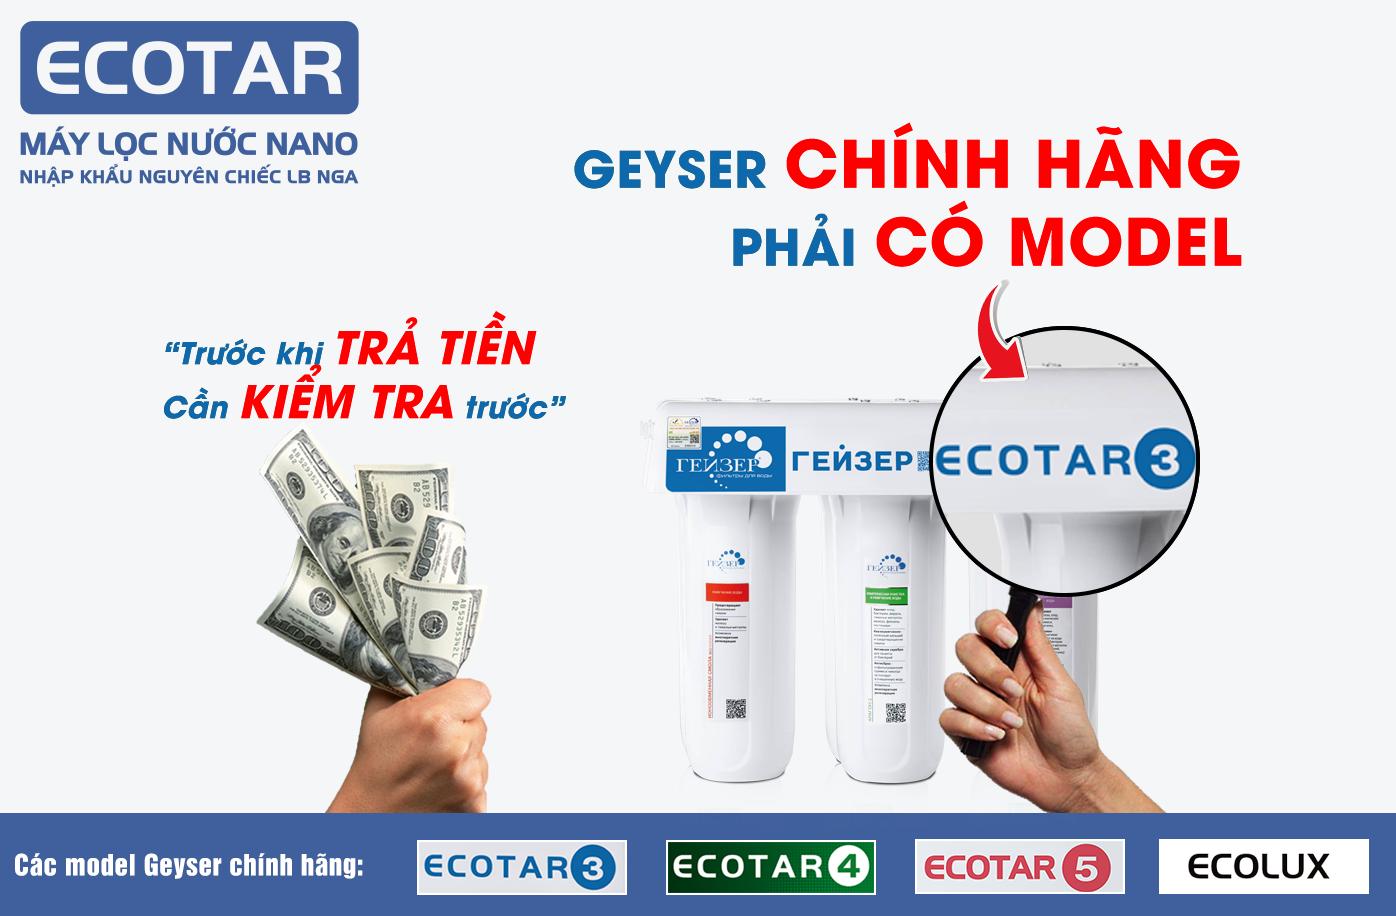 Máy lọc nước nano Geyser chính hãng